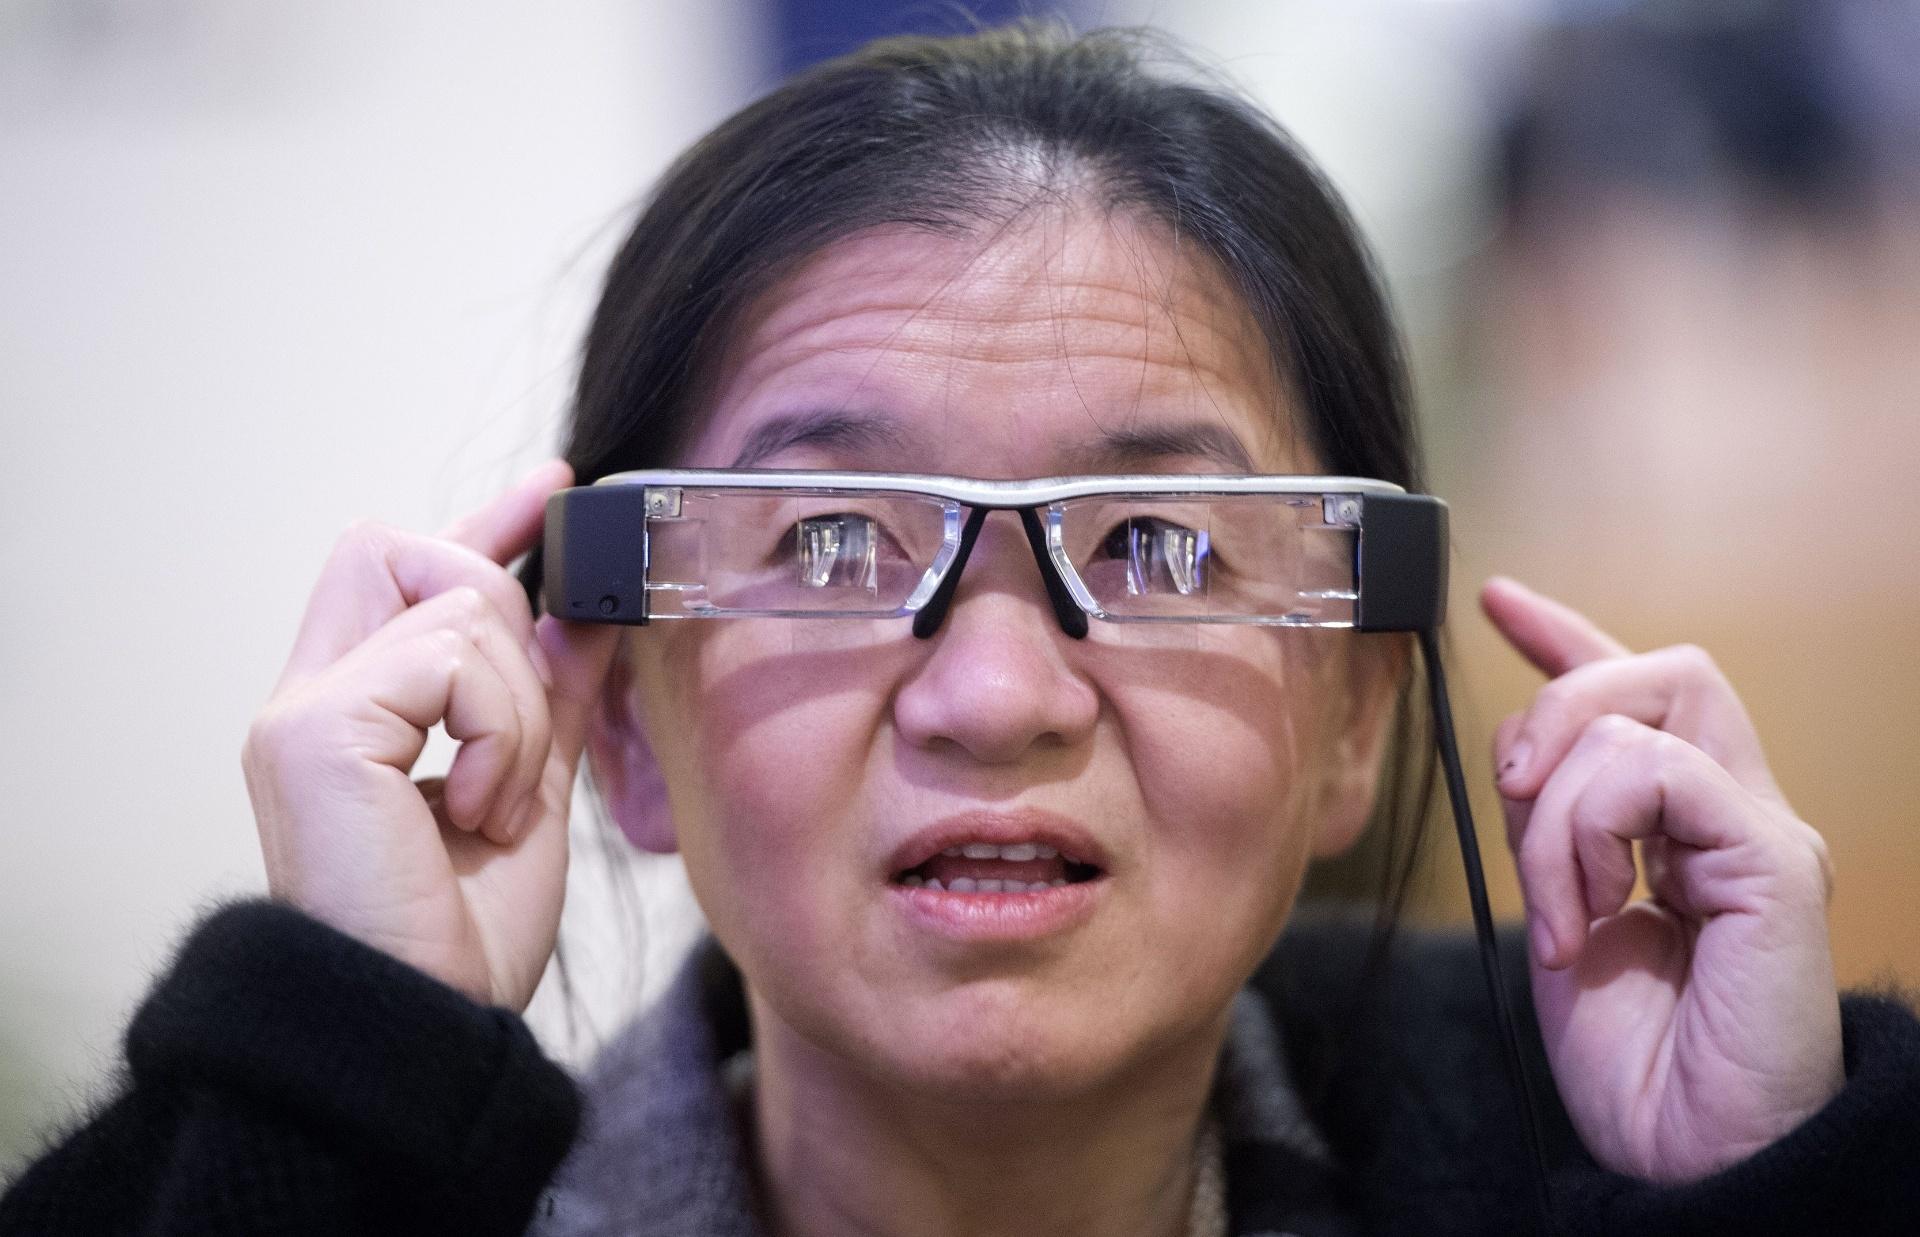 5fe53965b66e7 Por US  699, óculos inteligentes da Epson têm visual  fundo de garrafa  -  08 01 2014 - UOL Tecnologia